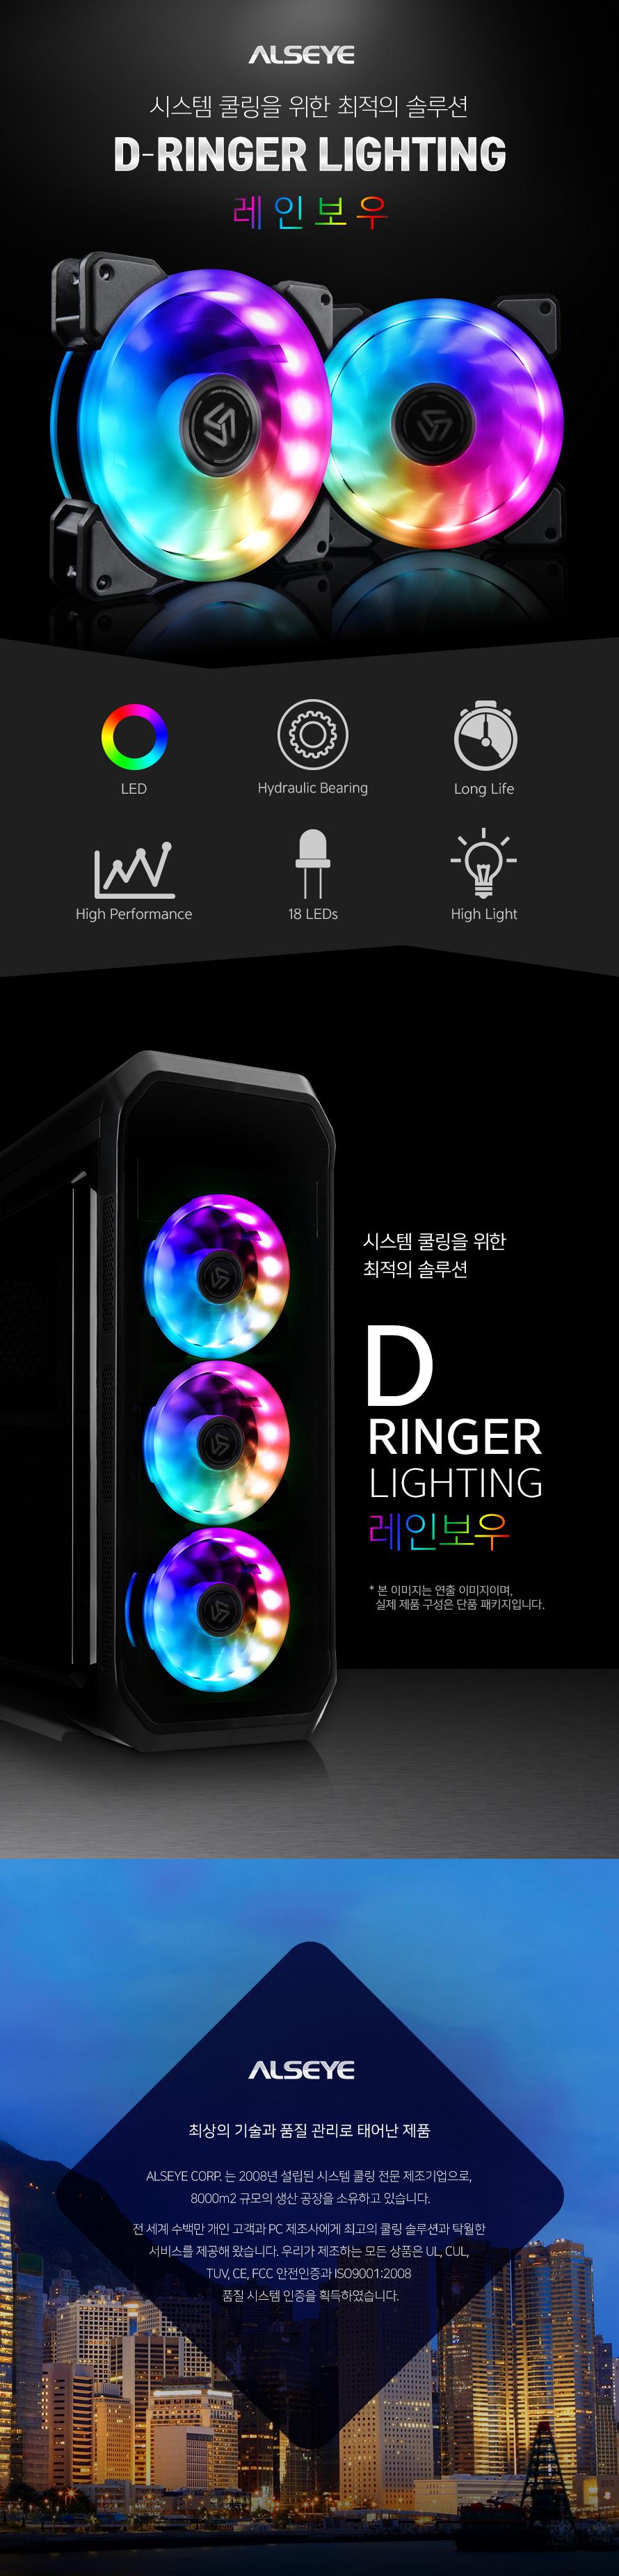 ALSEYE  D-Ringer LIGHTING 레인보우